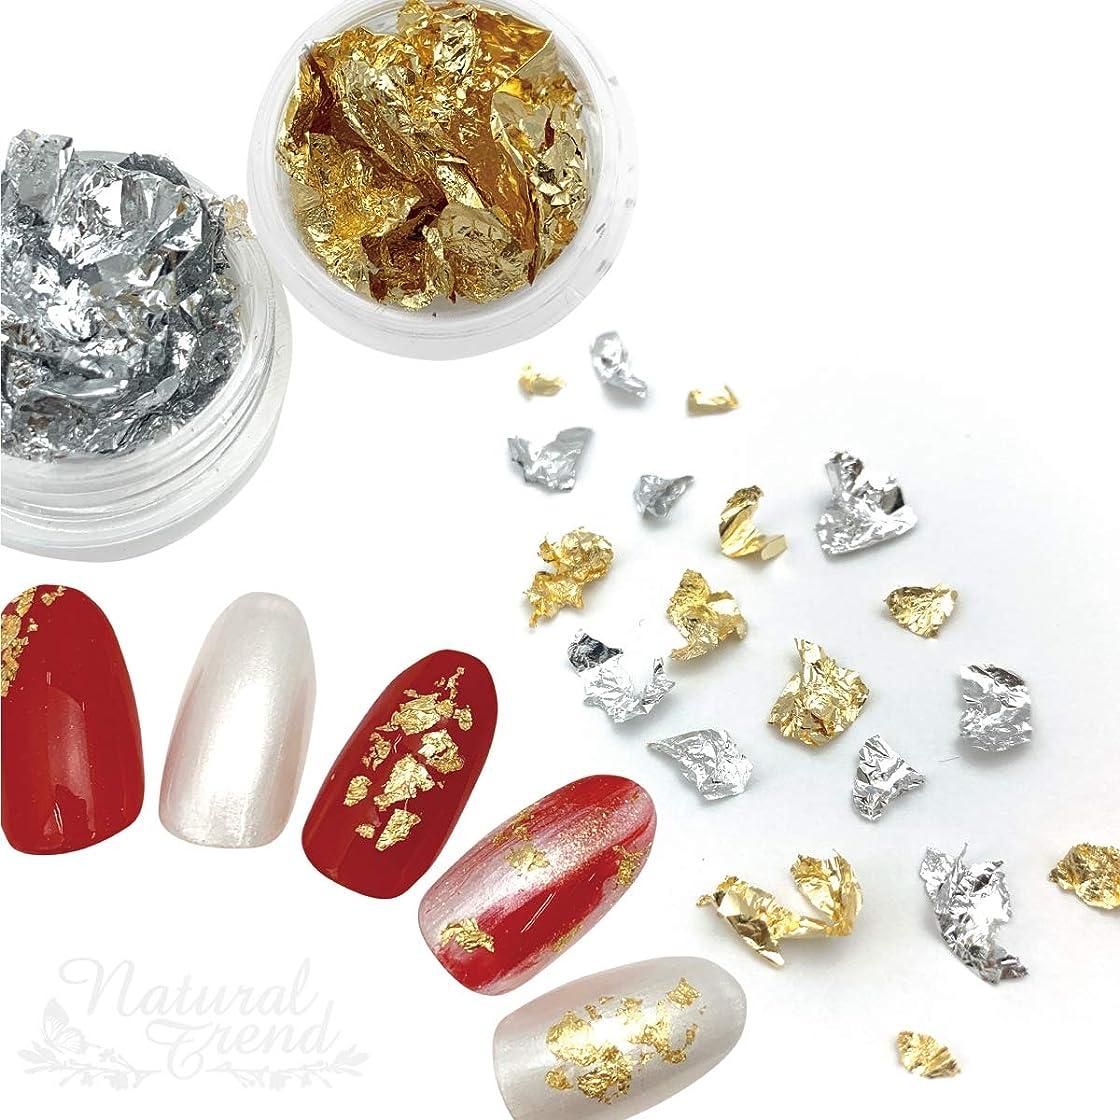 大臣フォーラム広げるNatural Trend 金箔 銀箔 ネイルホイル ジェルネイルアート (ゴールド)